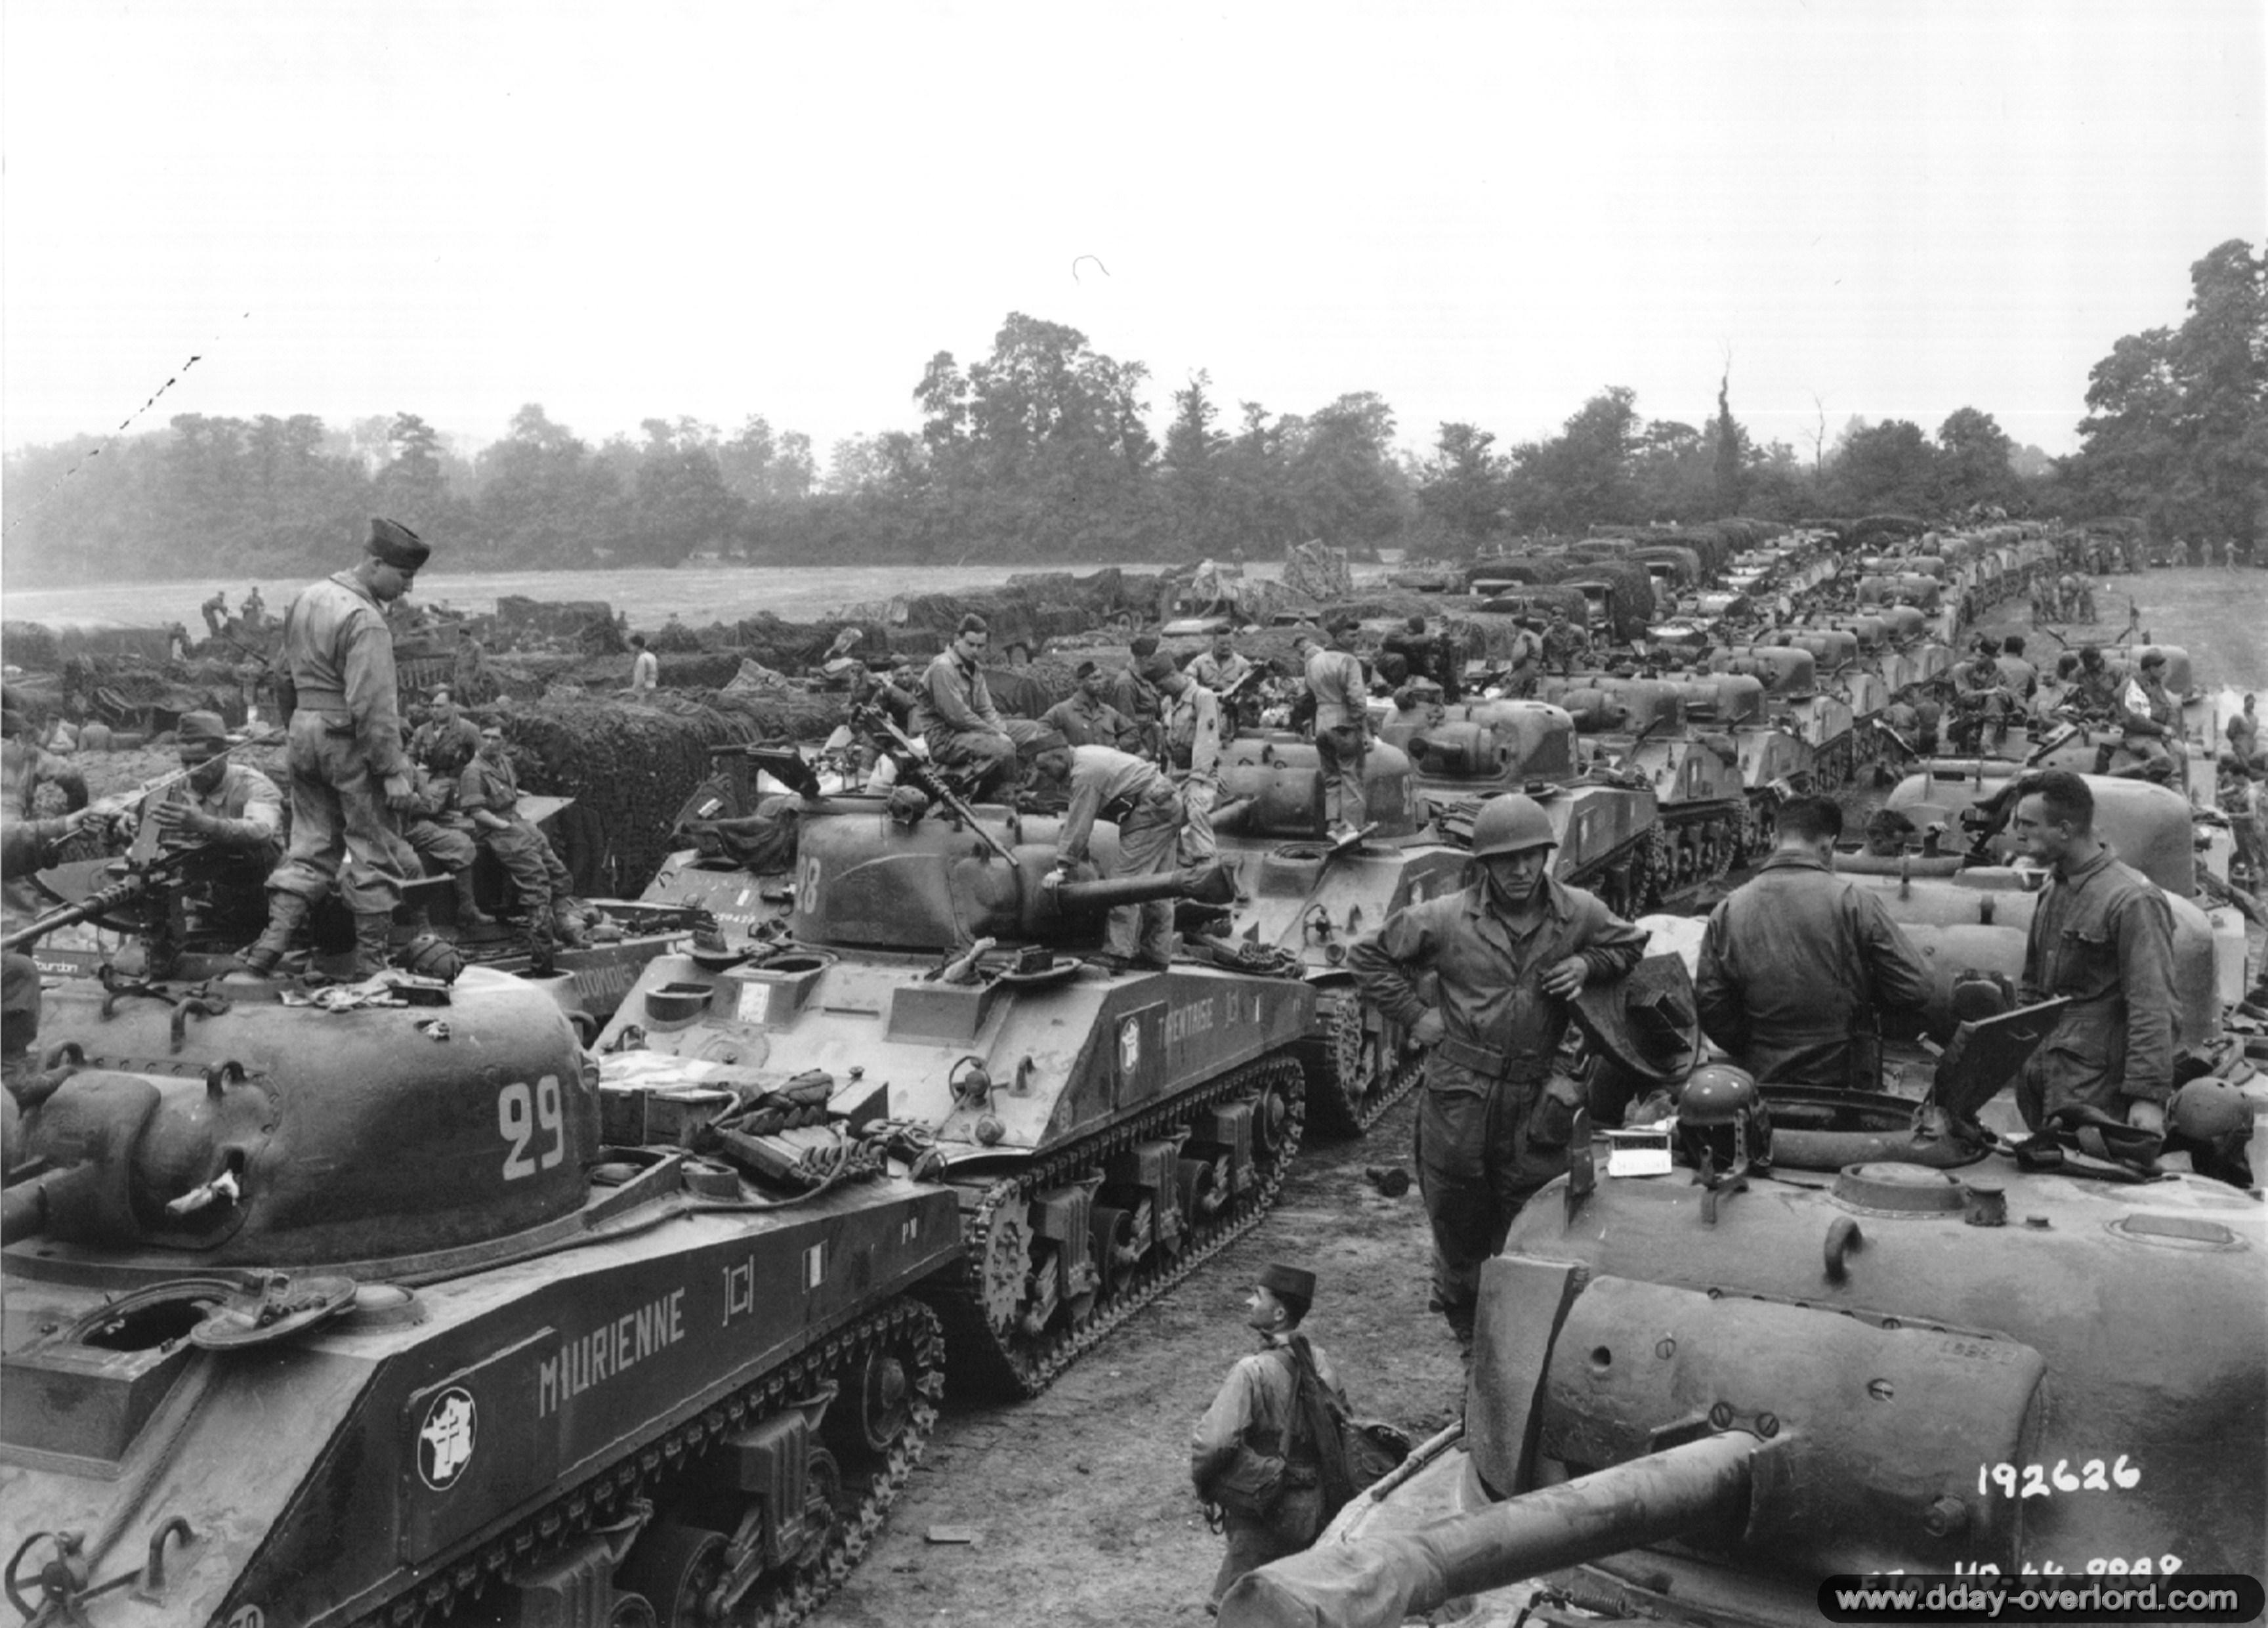 1er au 3 août 1944 01_mobecq_vesly_1944